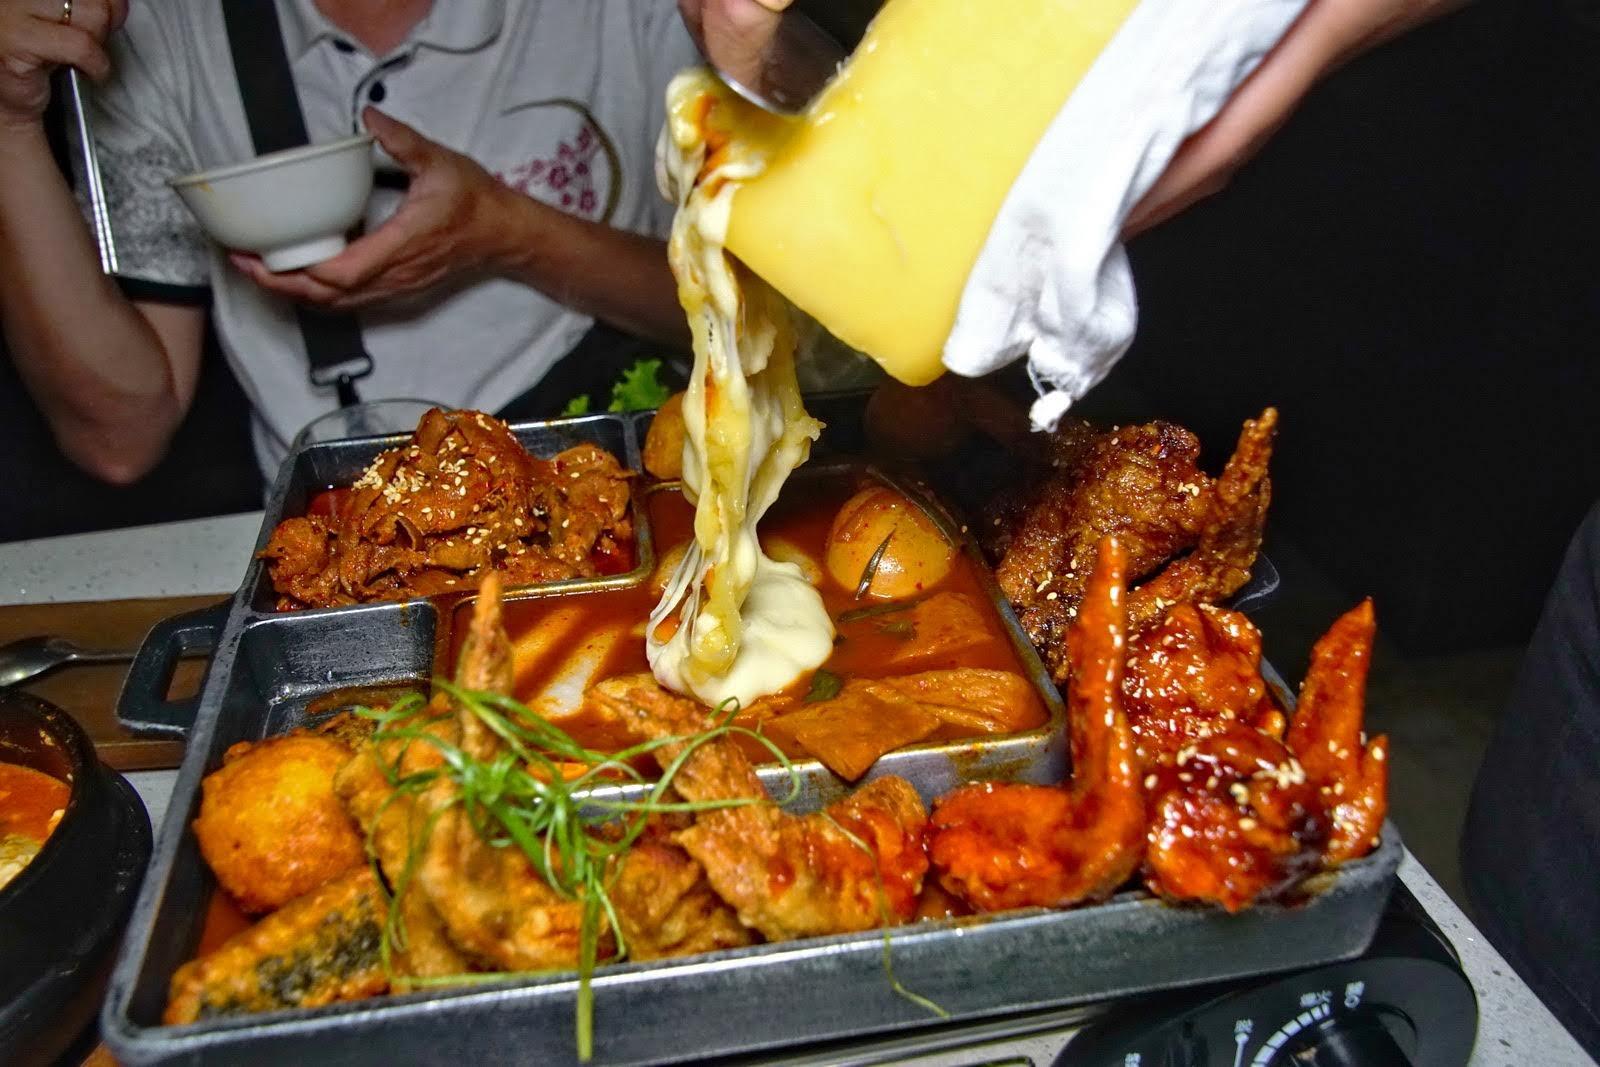 [台南][中西區] 哈摩尼韓食堂-台南店|迷宮拼盤、彩虹春雞|食記